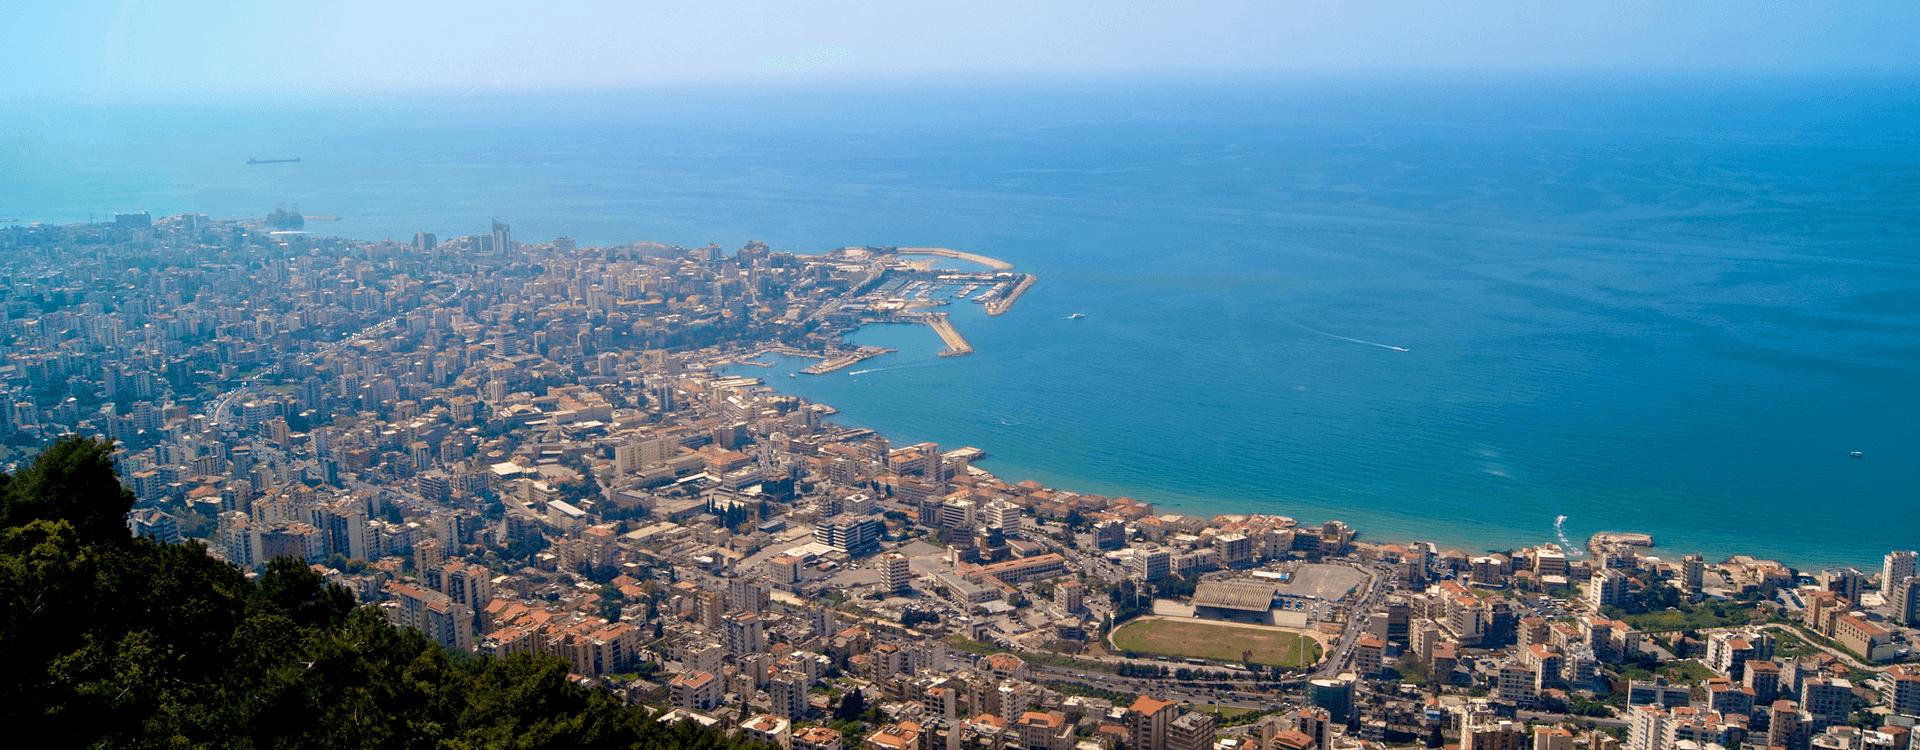 lebanon2_2